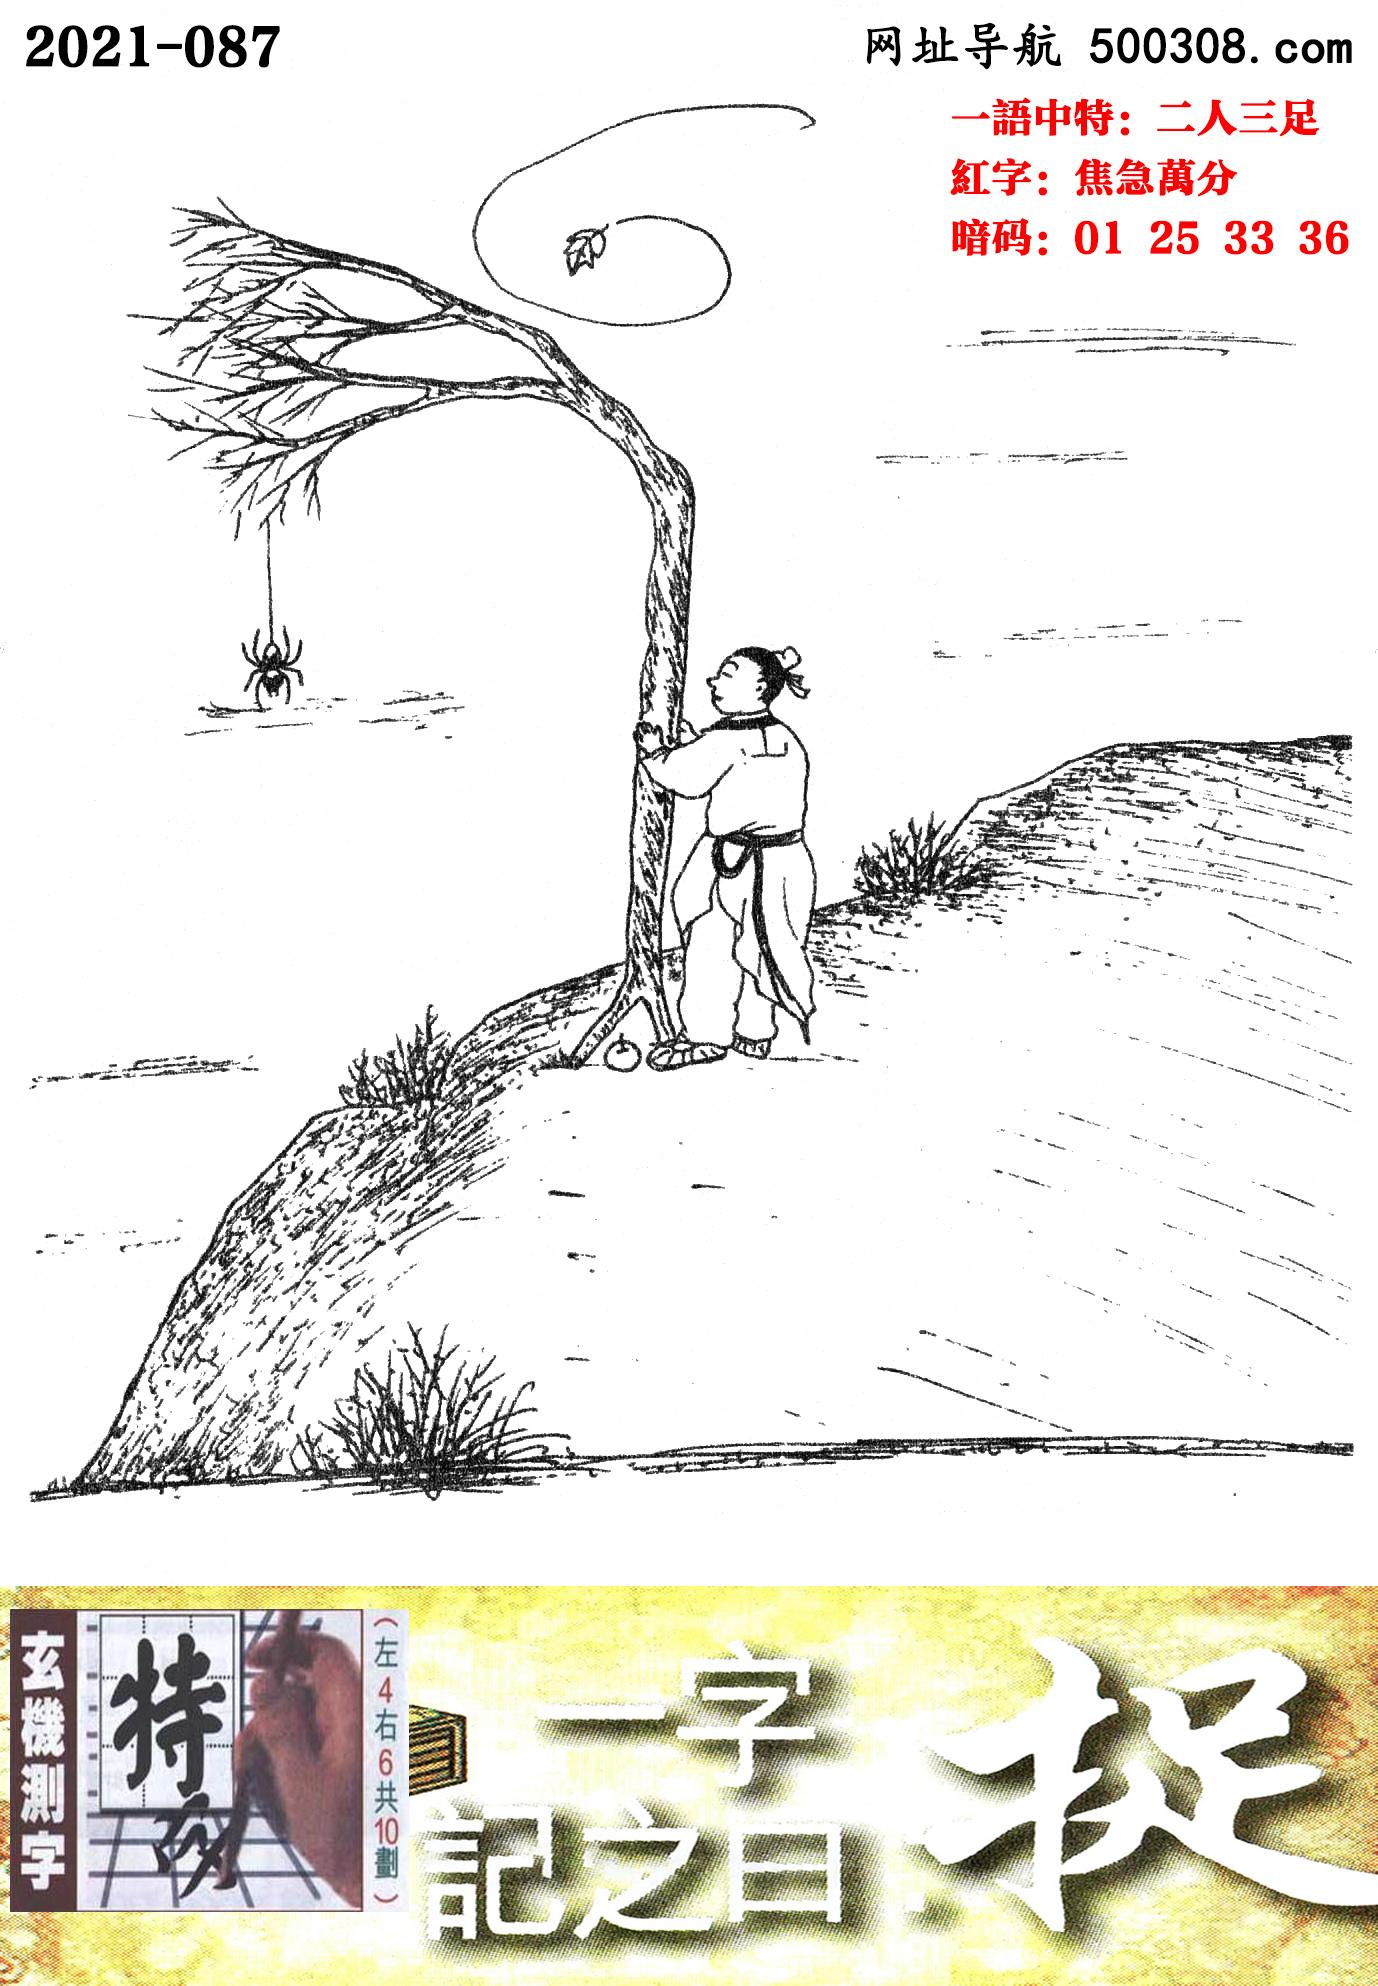 087期跑狗一字�之曰:【捉】_只有�_枝,并�o散�~。�娜菥臀唬�捕�L捉影。